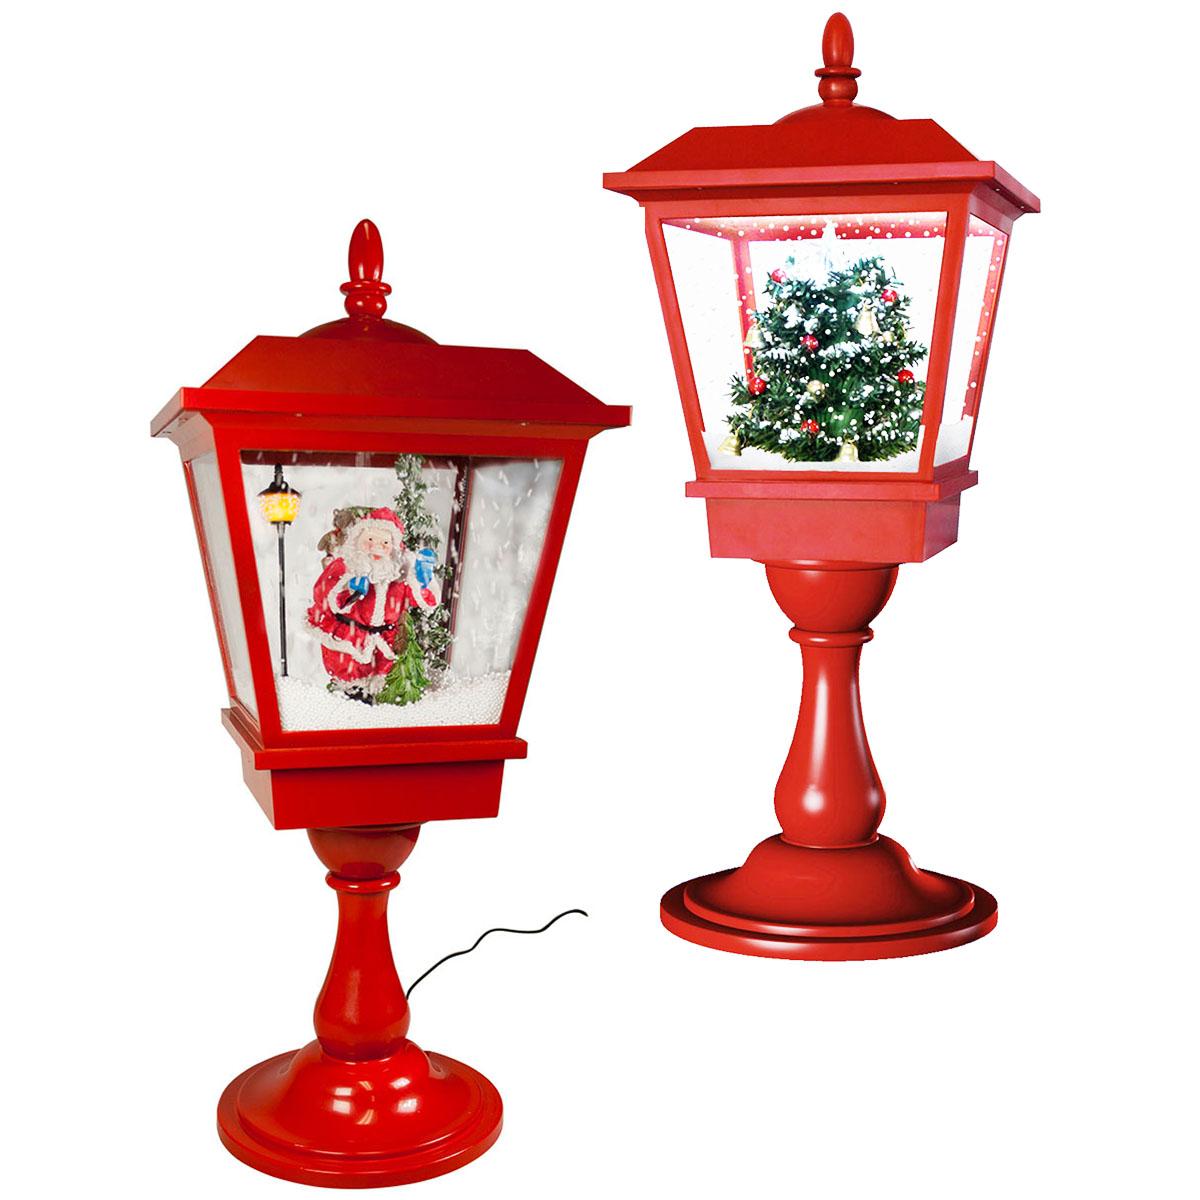 tischlaterne 65cm lampe rot baum santa claus weihnachten. Black Bedroom Furniture Sets. Home Design Ideas